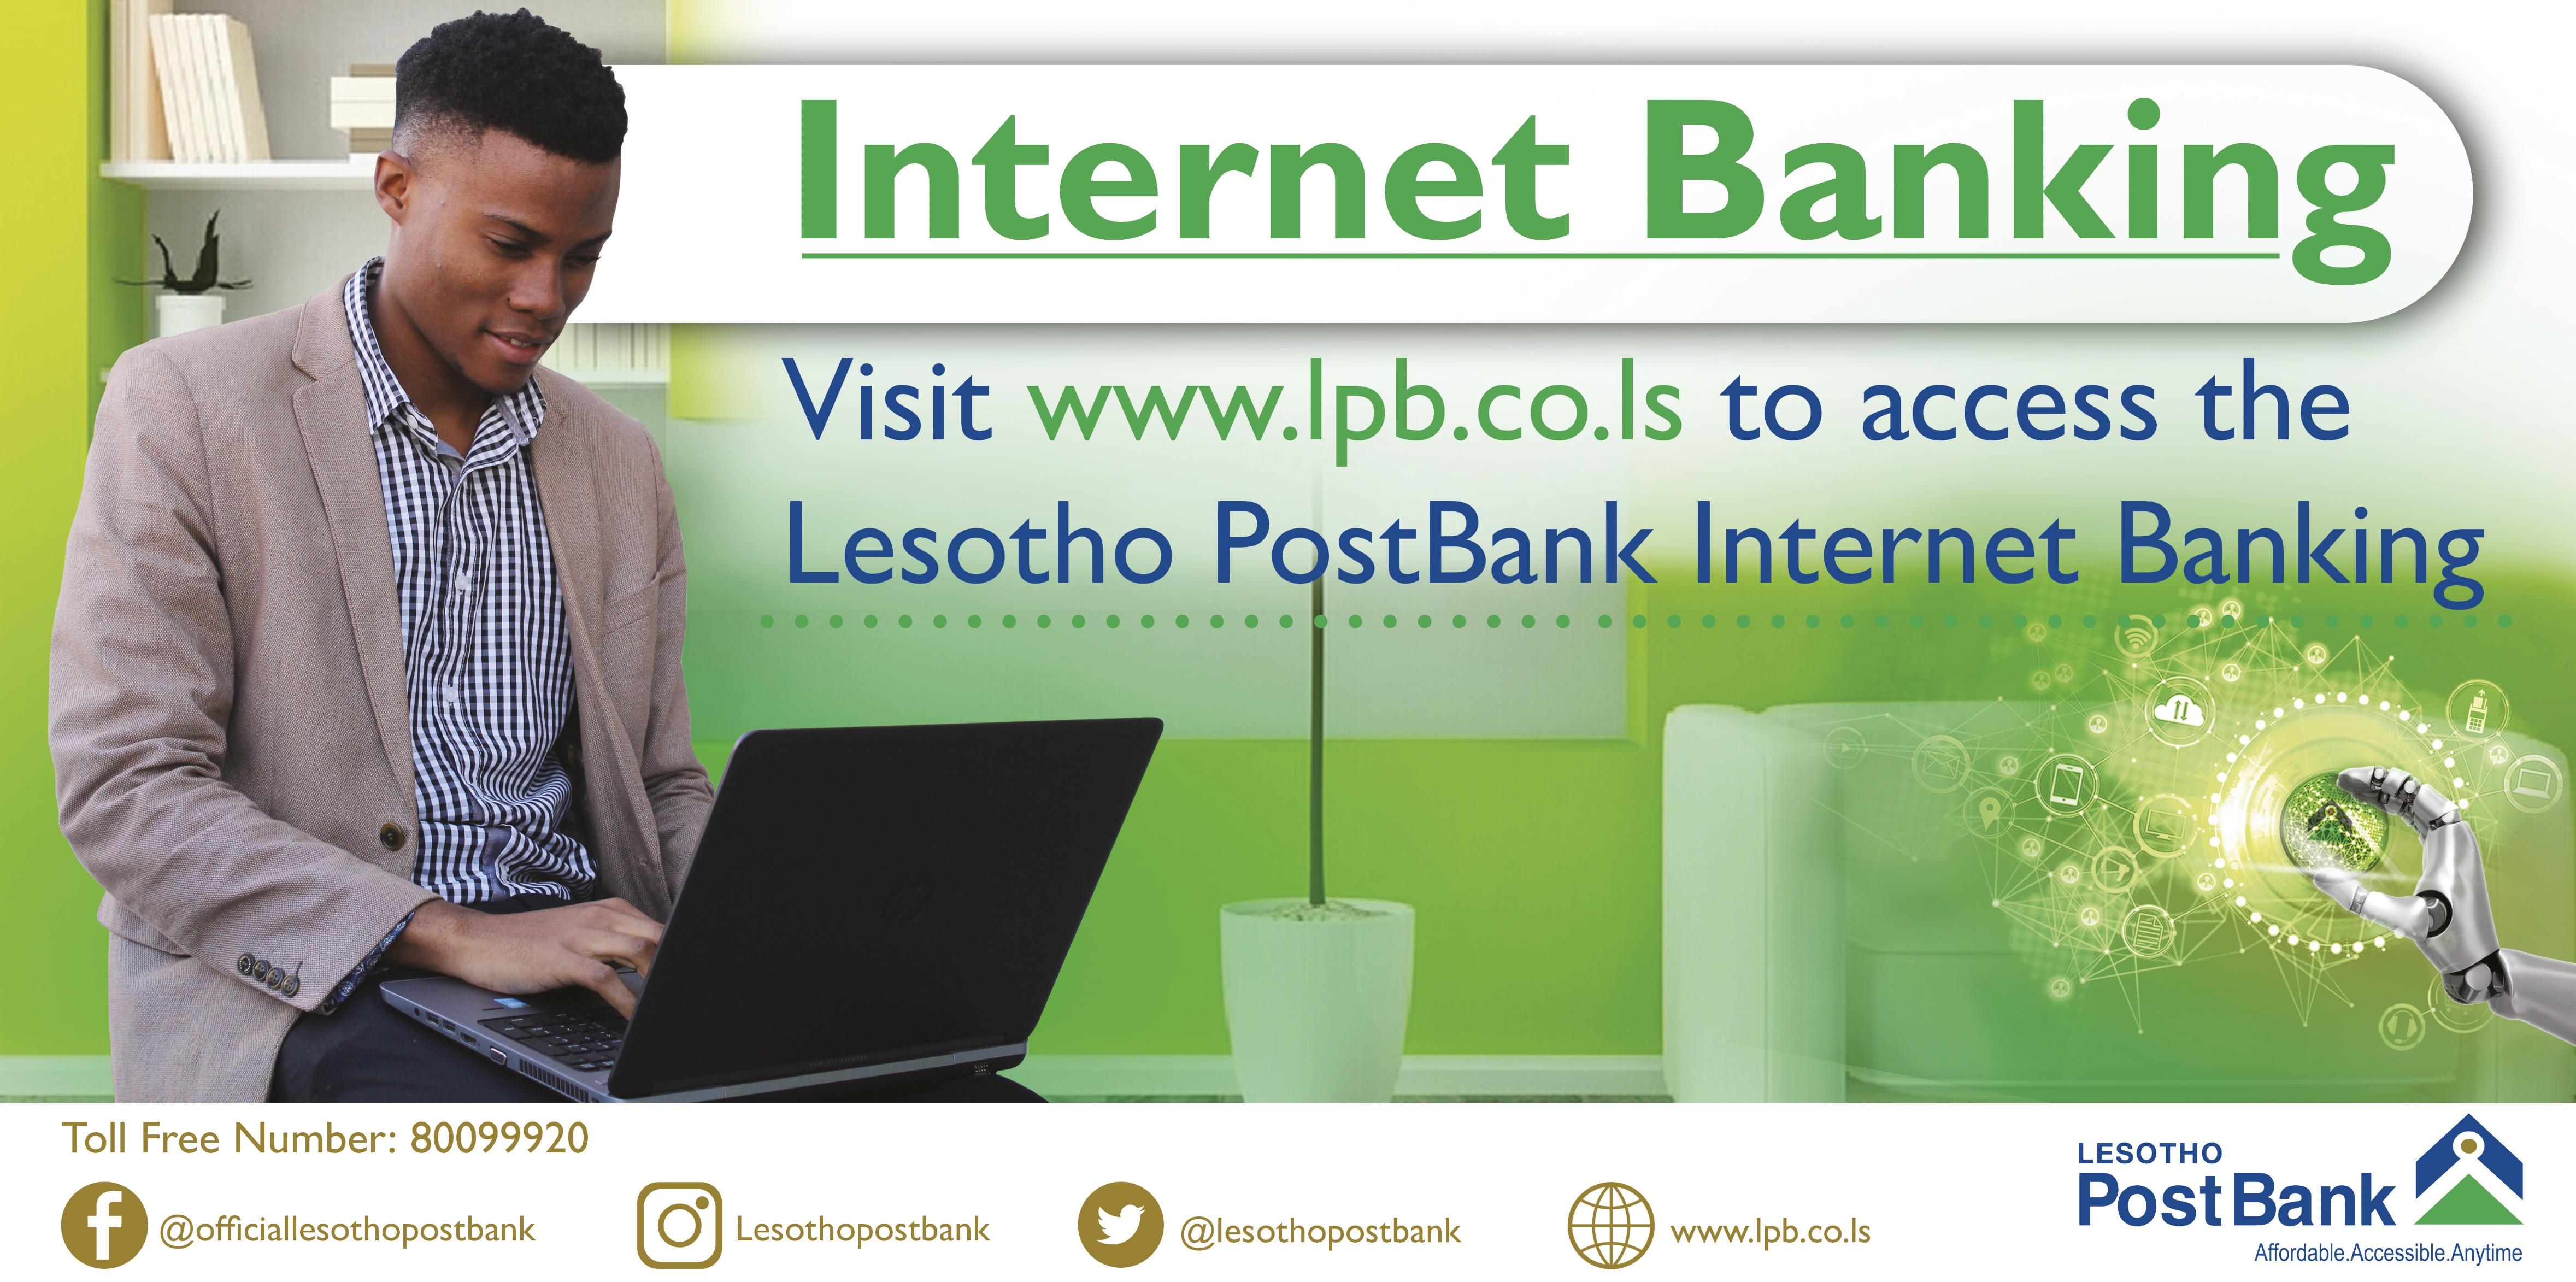 Lesotho Post Bank